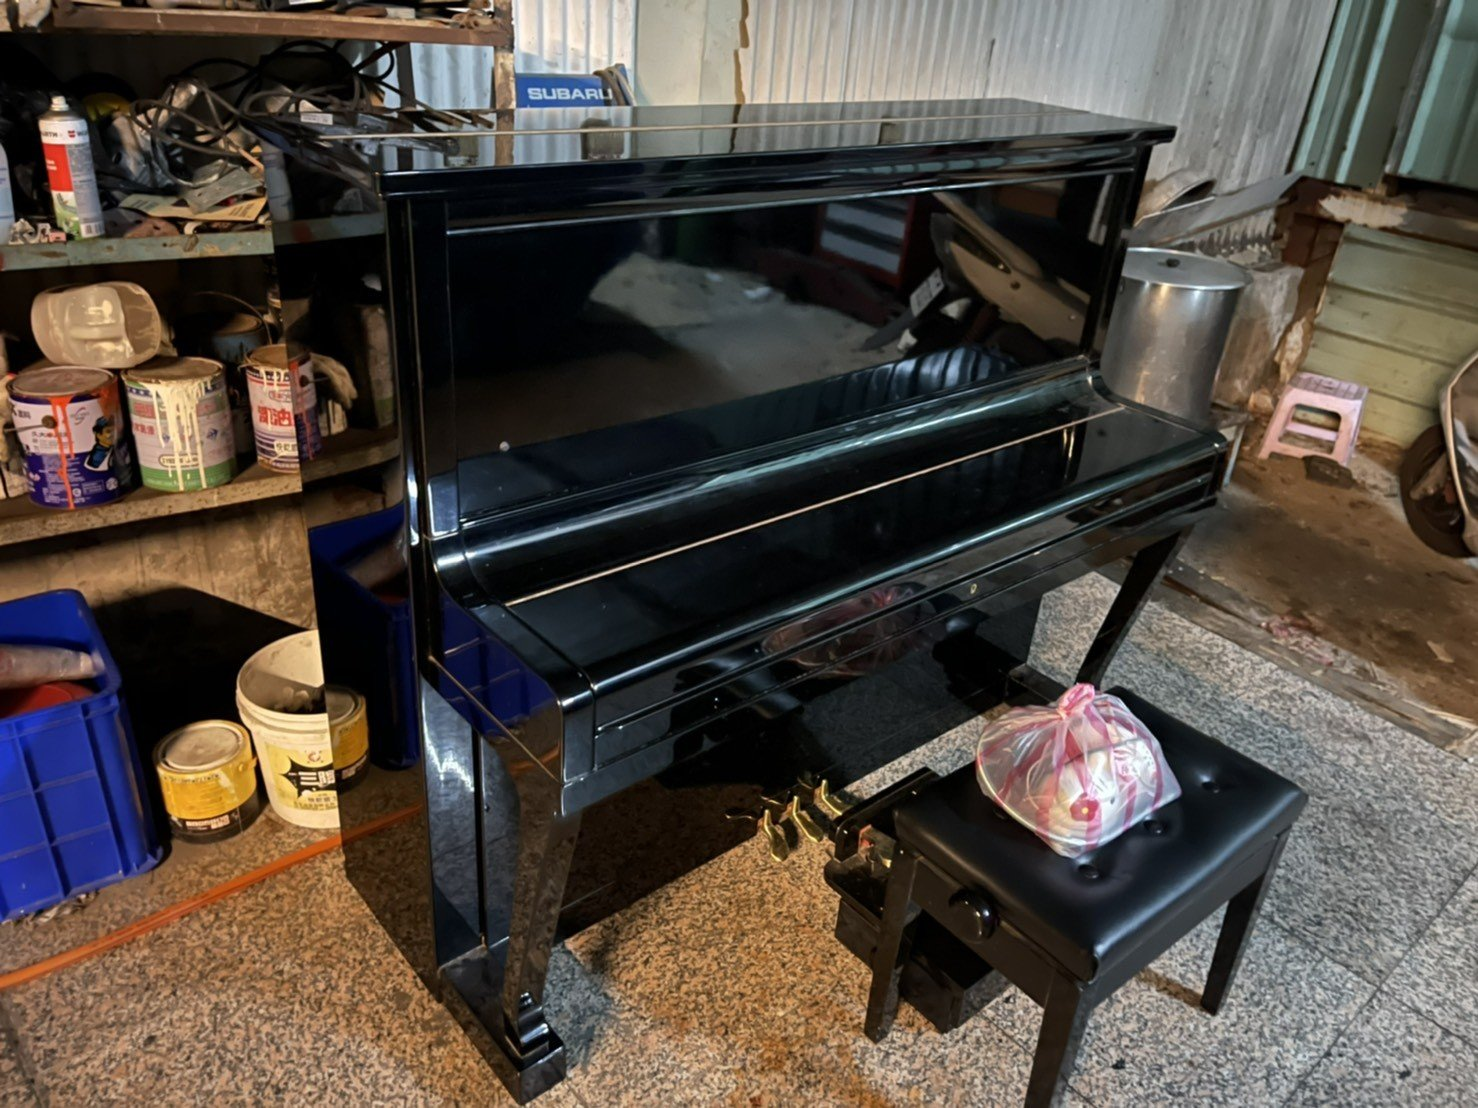 台北搬家公司推薦、新北搬家推薦【榮福搬家公司】廢棄鋼琴、家庭搬家、搬鋼琴、搬工,針對顧客都秉持以用心實在專業搬家技巧,搬家實在用心值得您的信賴與選擇。歡迎來電咨詢02-2651-2727,榮福搬家有專員立即為您服務。